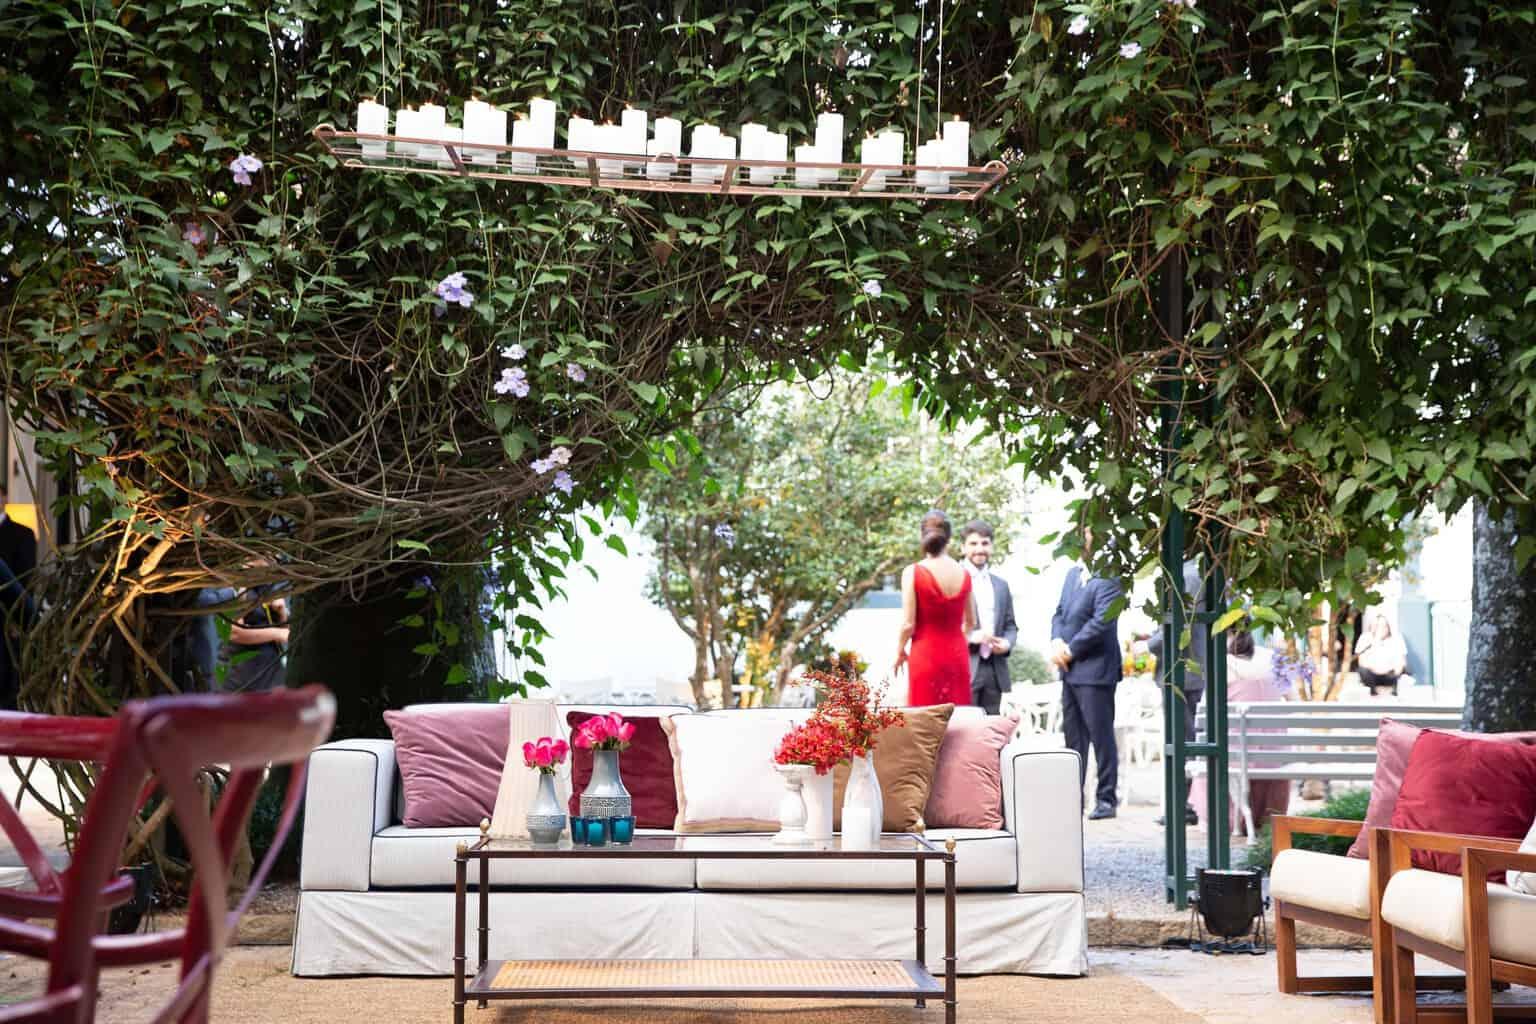 casamento-na-Fazenda-Vila-Rica-cerimonial-Ana-Paula-Tabet-decoracao-colorida-Fotografia-Euka-Weddings-Renata-e-Gabriel36